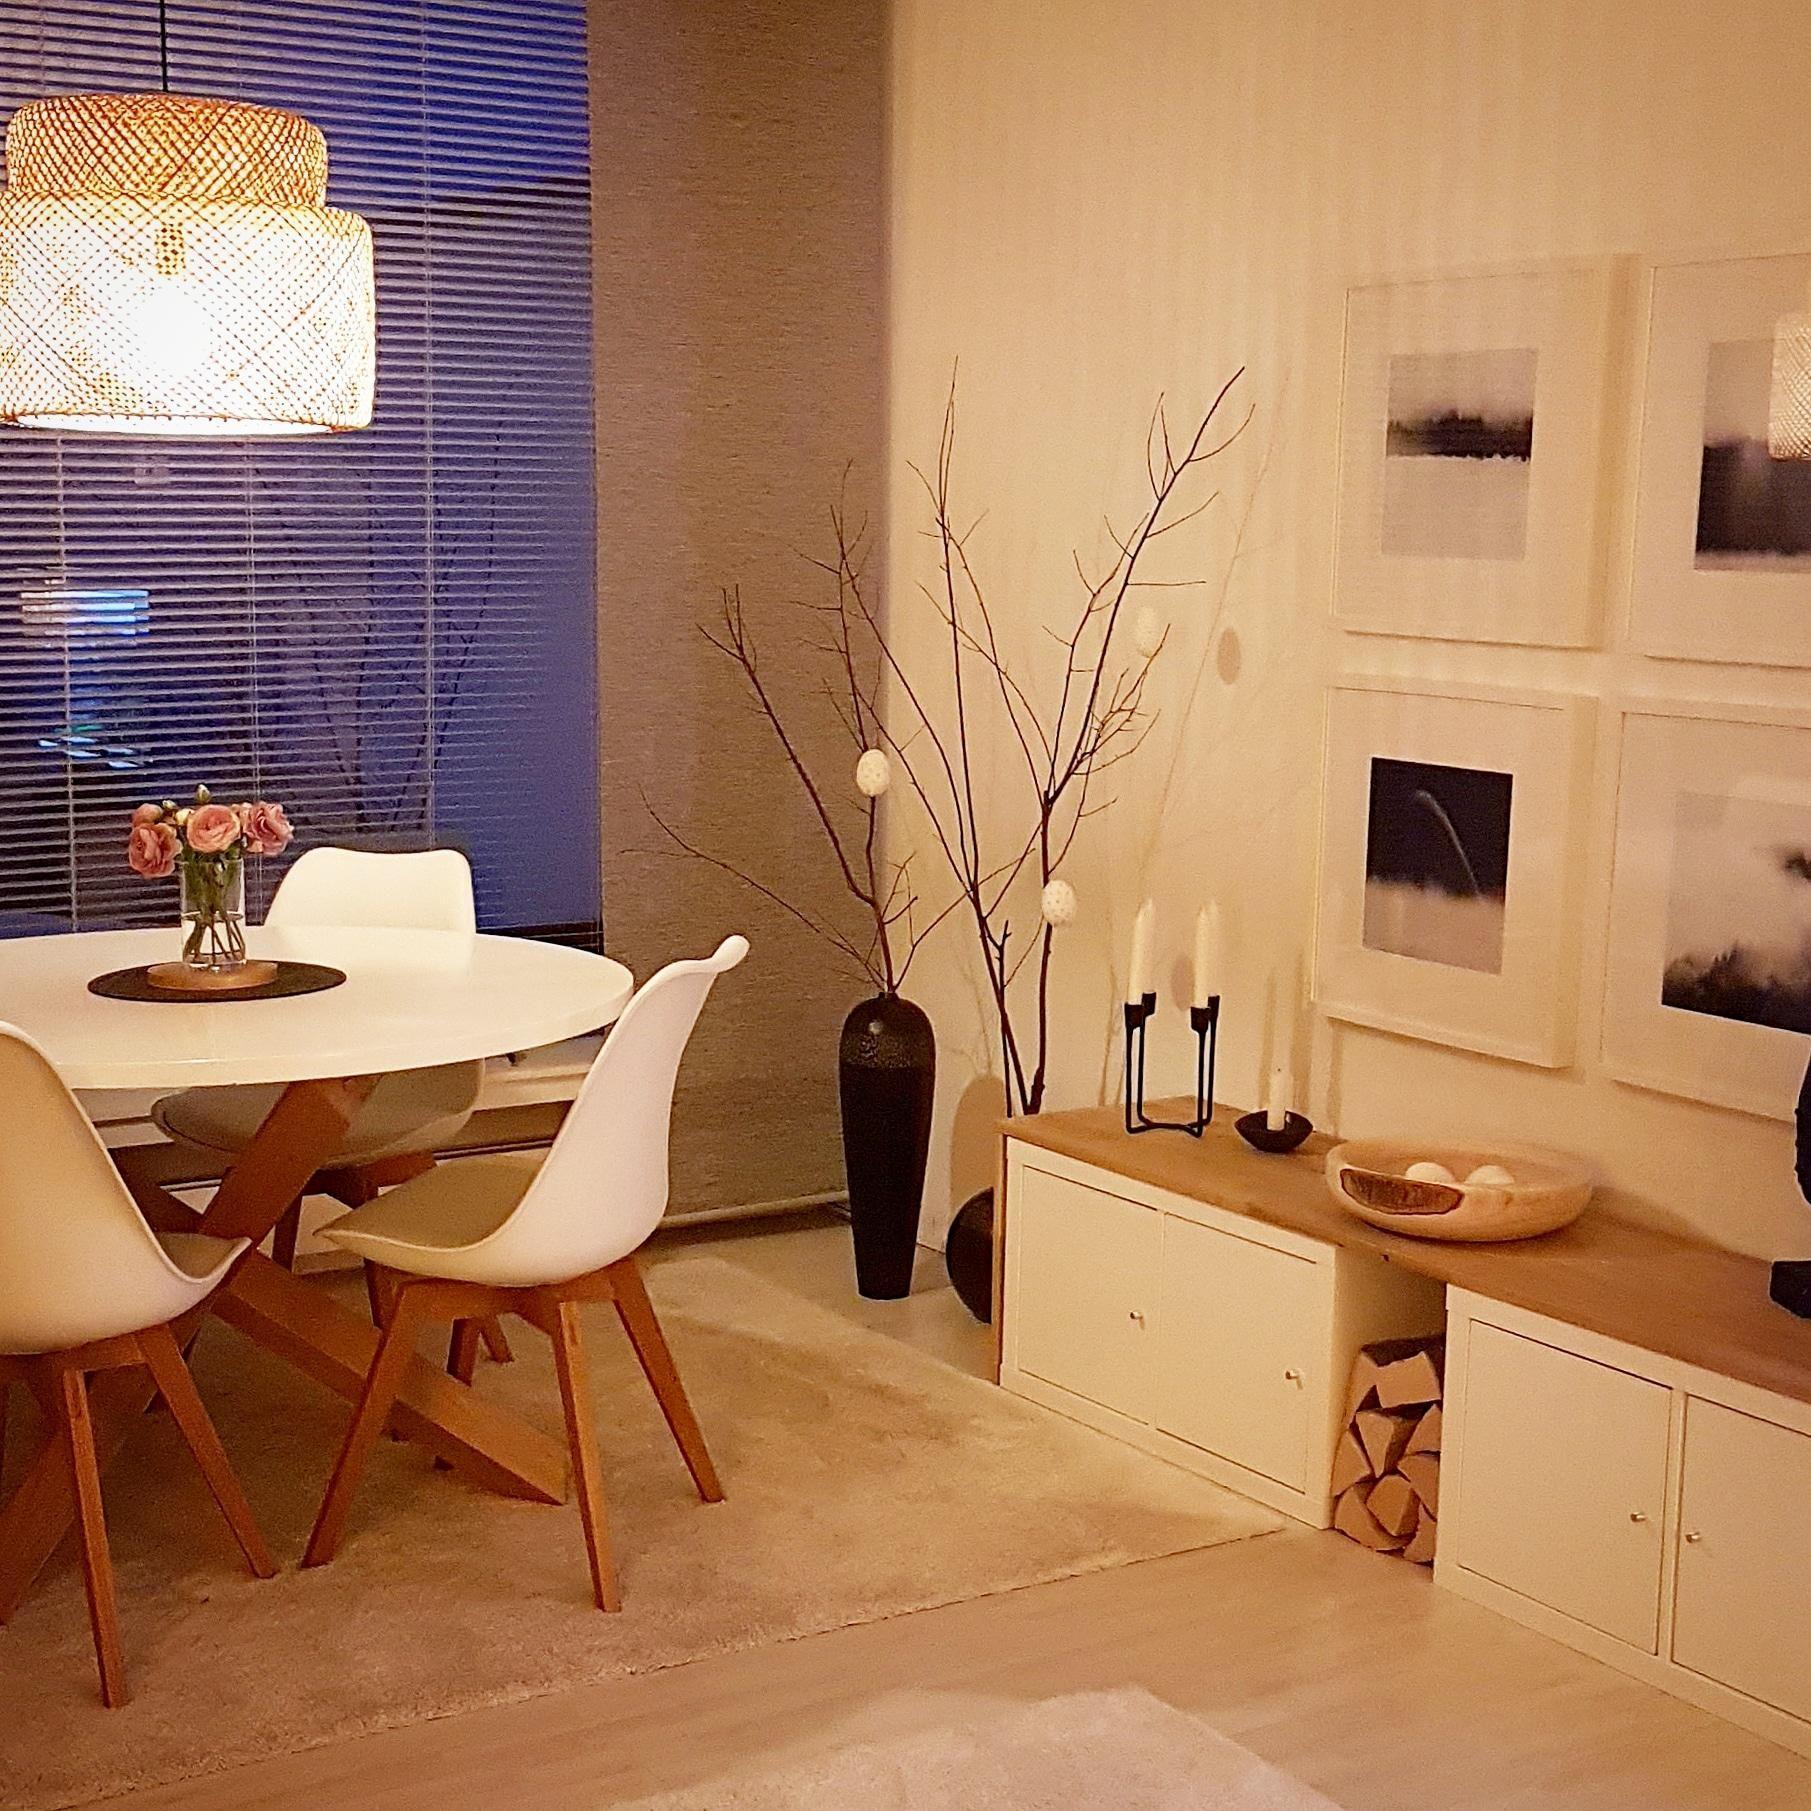 Full Size of Lampen Wohnzimmer Decke Ikea Scandystyle Lampe Esszimmer Wo Bilder Xxl Deckenleuchte Poster Liege Sofa Kleines Beleuchtung Dekoration Schrank Sessel Mit Wohnzimmer Lampen Wohnzimmer Decke Ikea